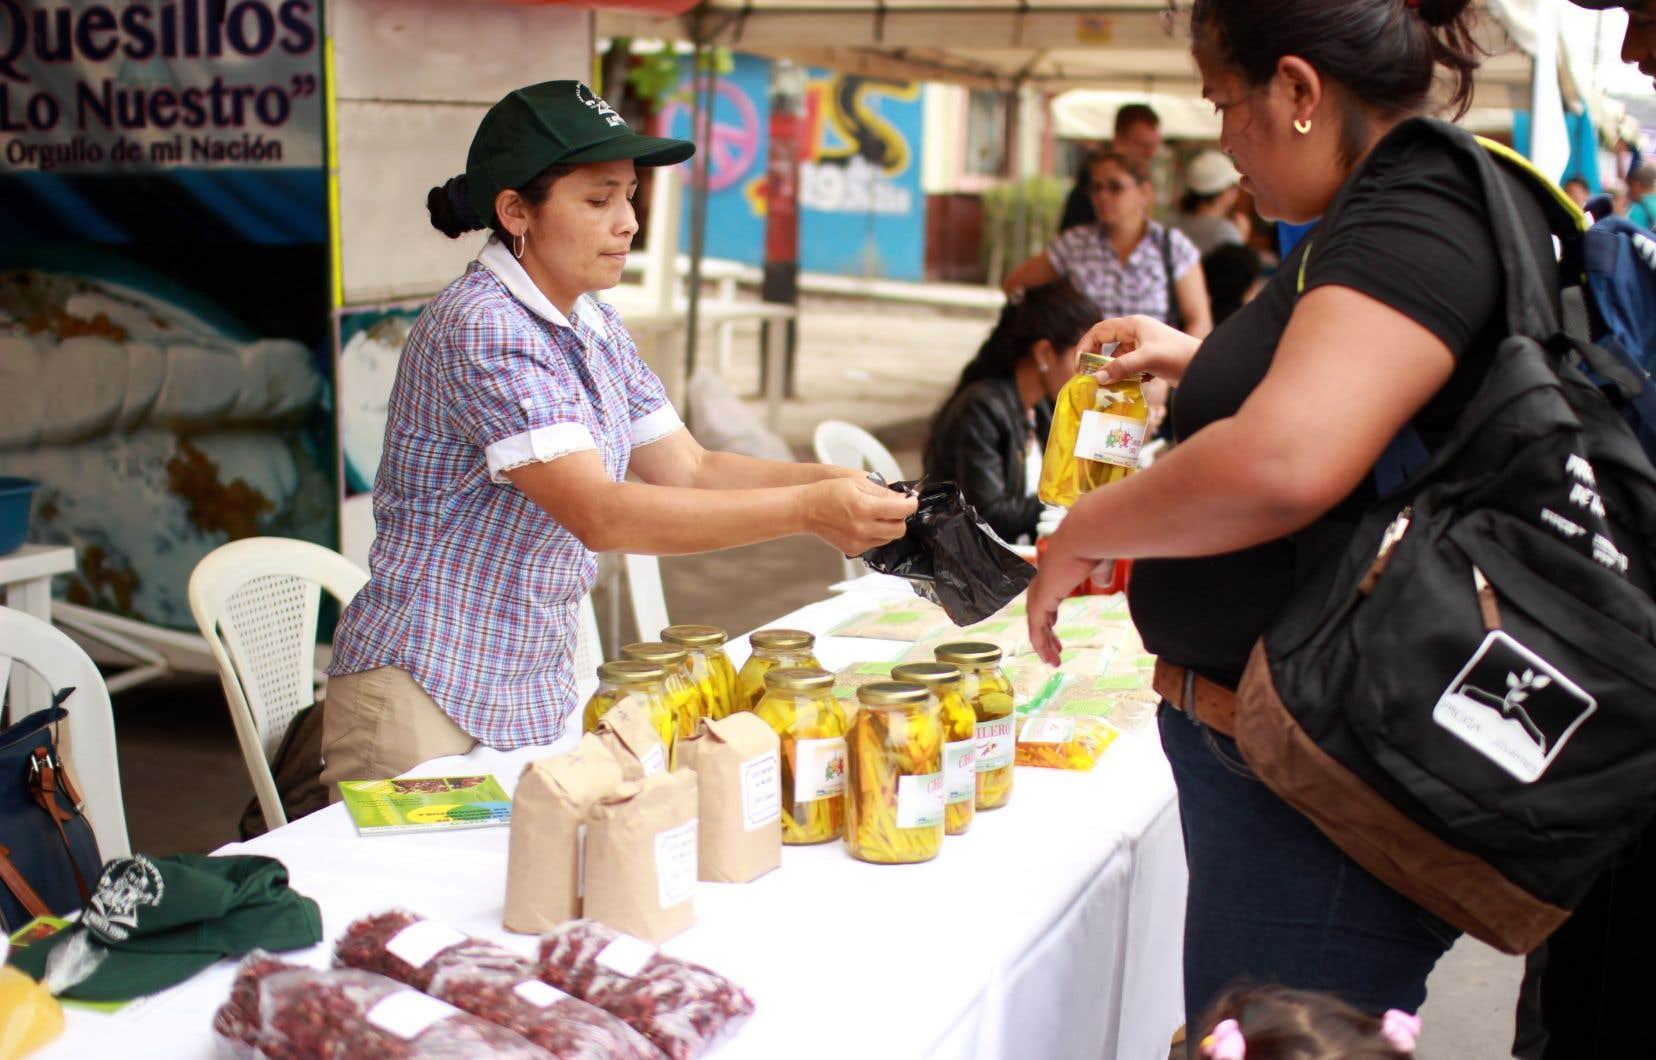 Une productrice agricole nicaraguayenne, en pleine foire alimentaire, qui a participé au projet PROGA-Jeunes et qui a démarré sa propre entreprise de produits agroalimentaires issus de l'agriculture écologique.